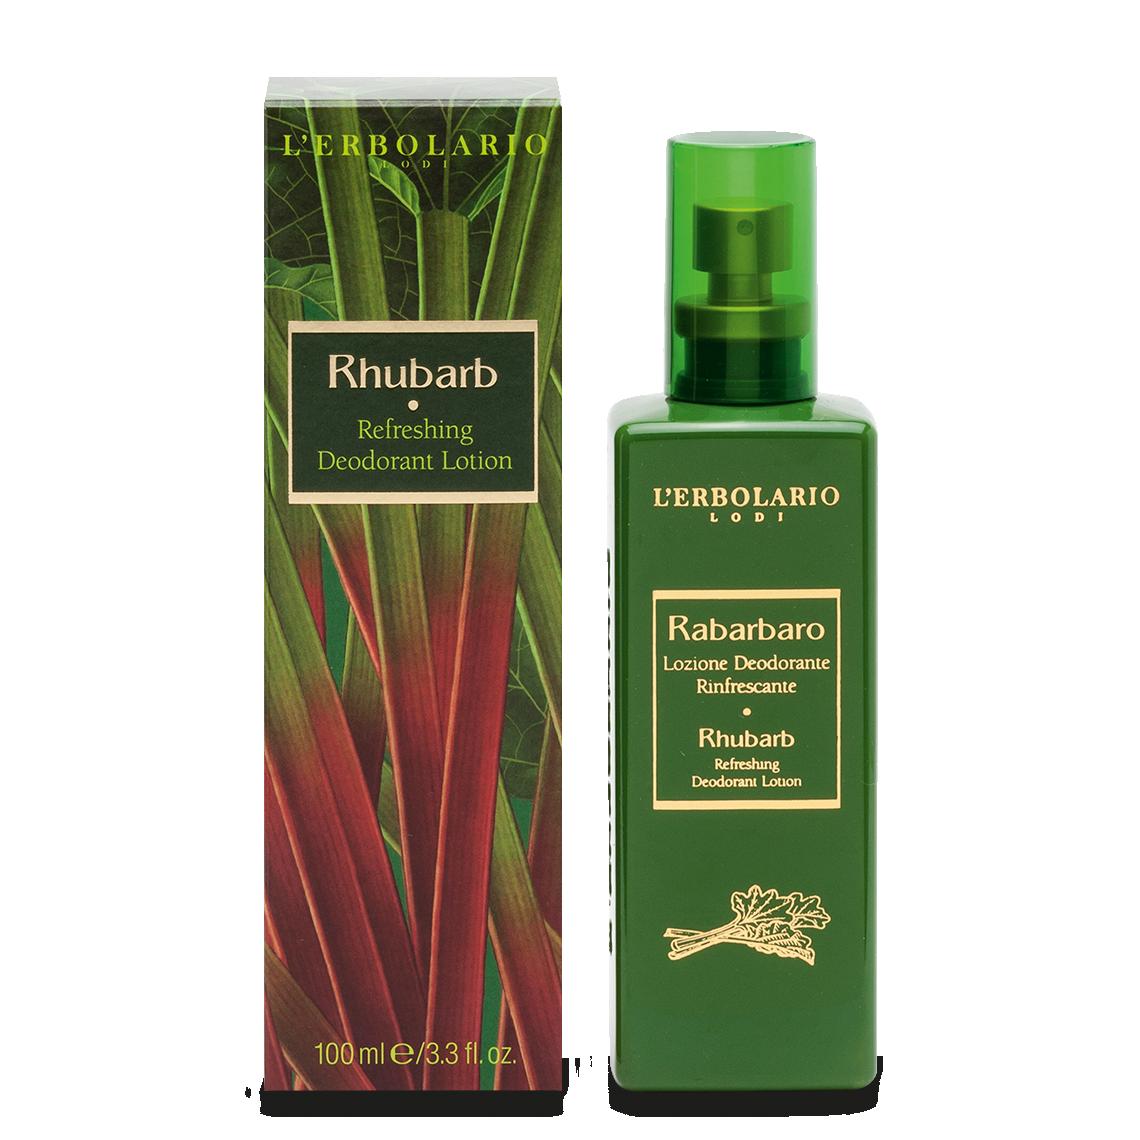 L'Erbolario, Deodorant-Lotiune Refresh Rhubarb, 100ml drmax poza